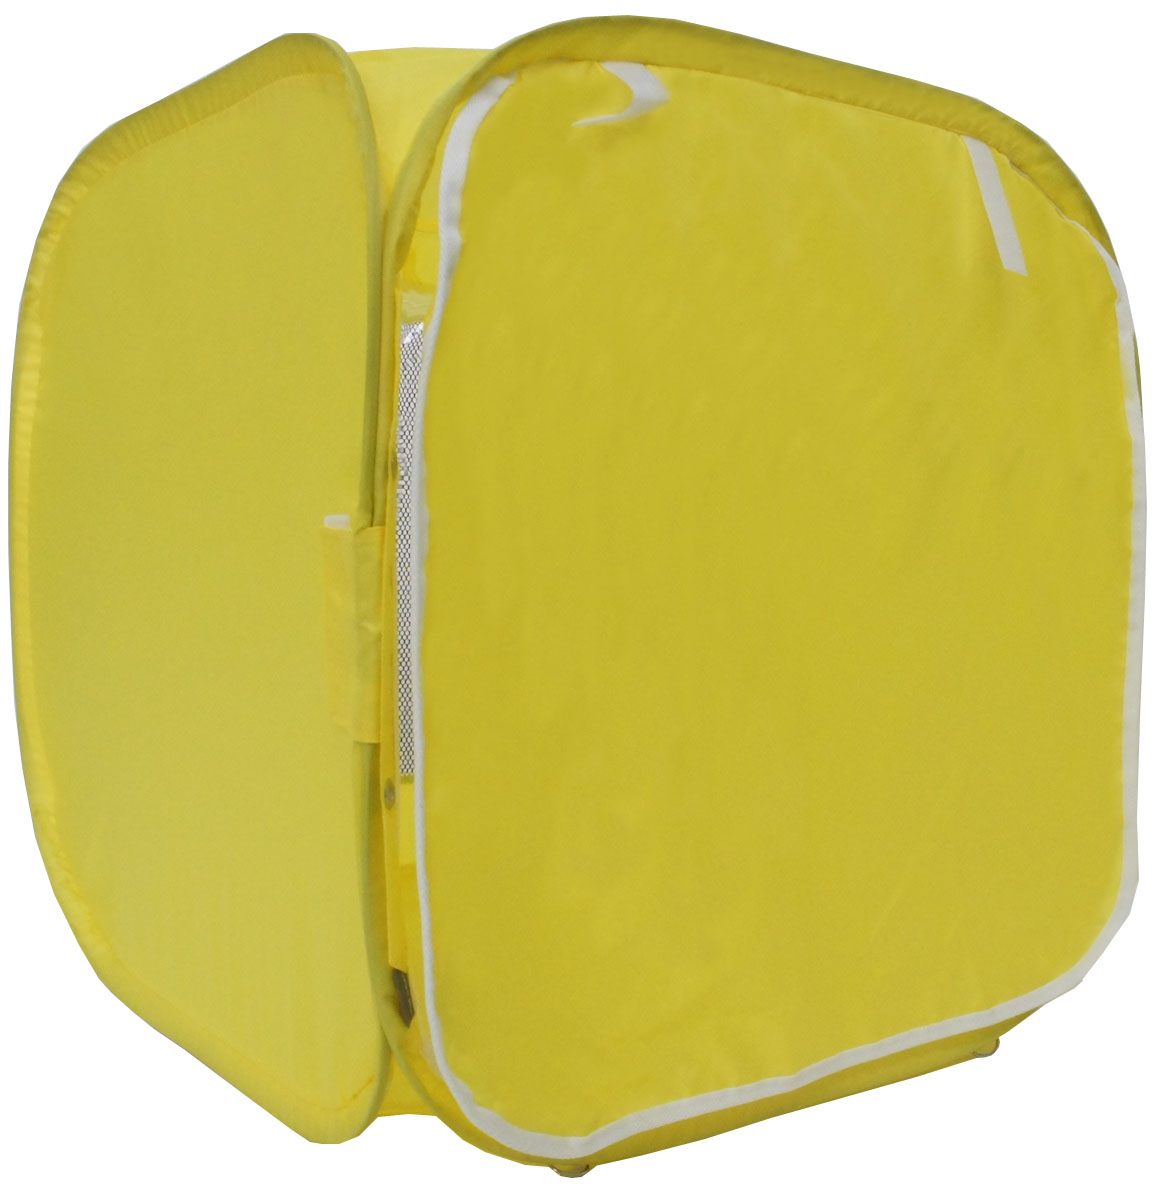 Палатка для выставки животных  Шоу-Петс , цвет: желтый, 60 х 60 х 60 см. ПВЛ1Ж - Клетки, вольеры, будки